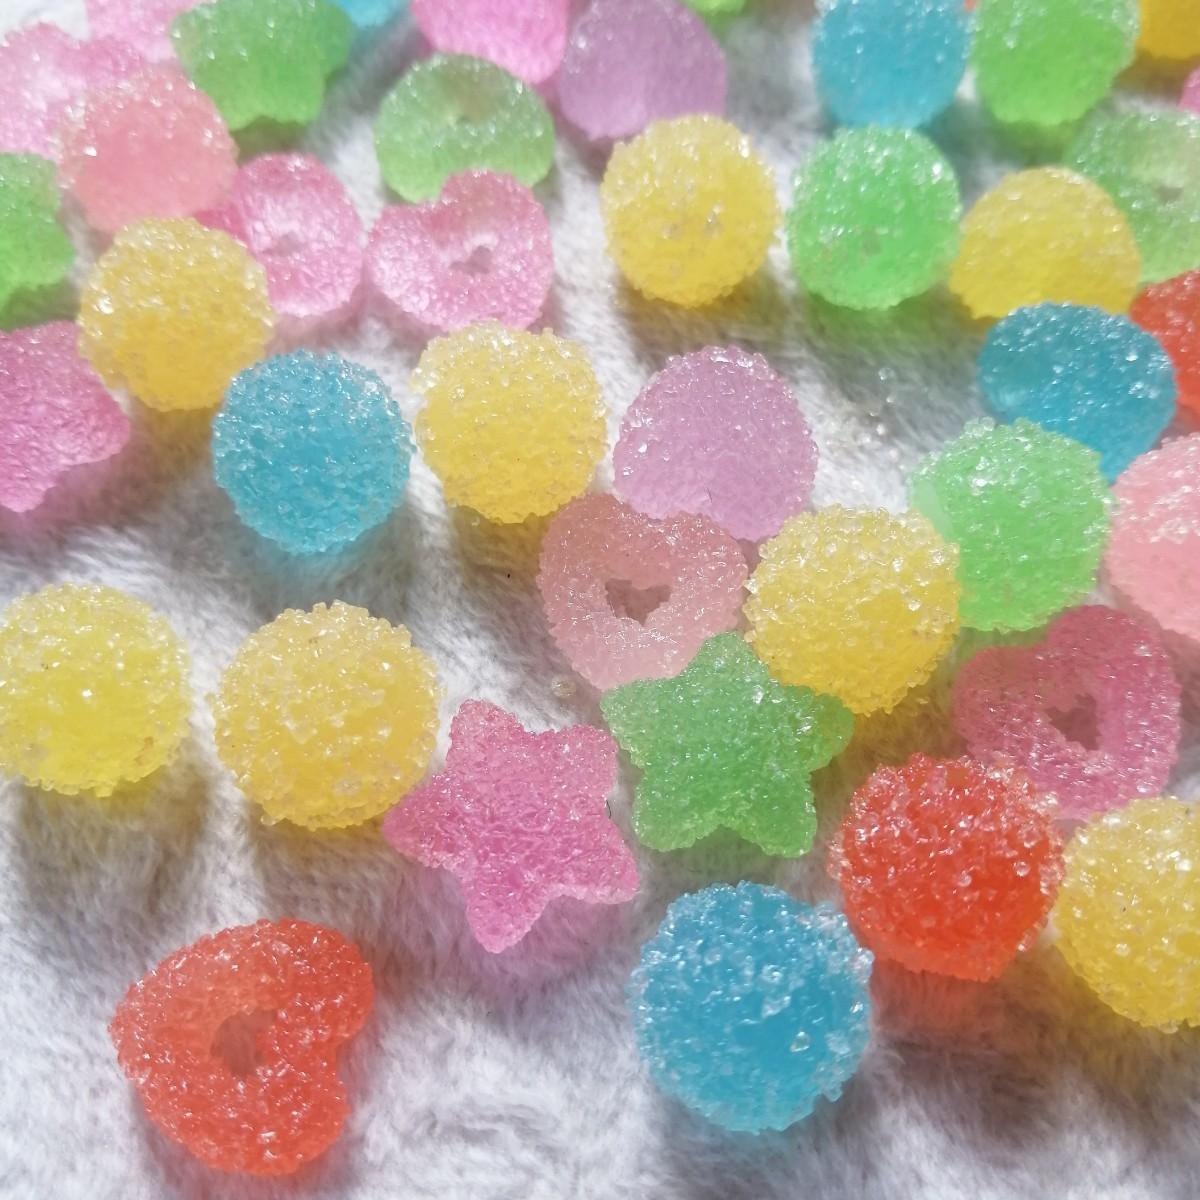 デコパーツ プラパーツ ハンドメイド 手作り 花台 材料 大量 パーツ 砂糖飴